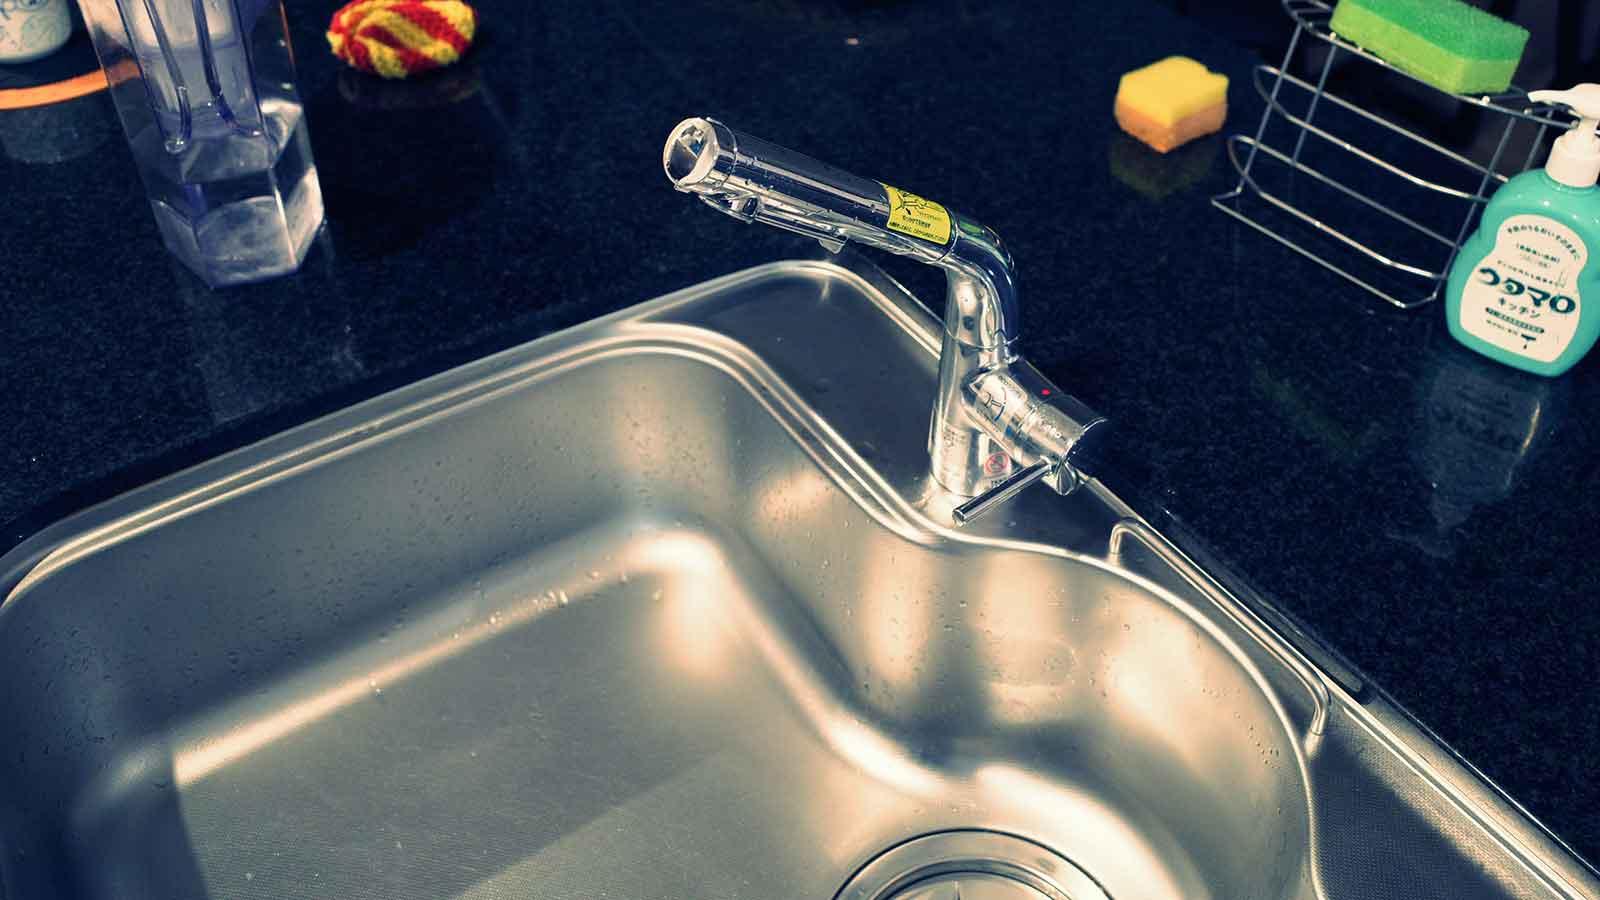 シャワー水栓のレバーは右手で操作